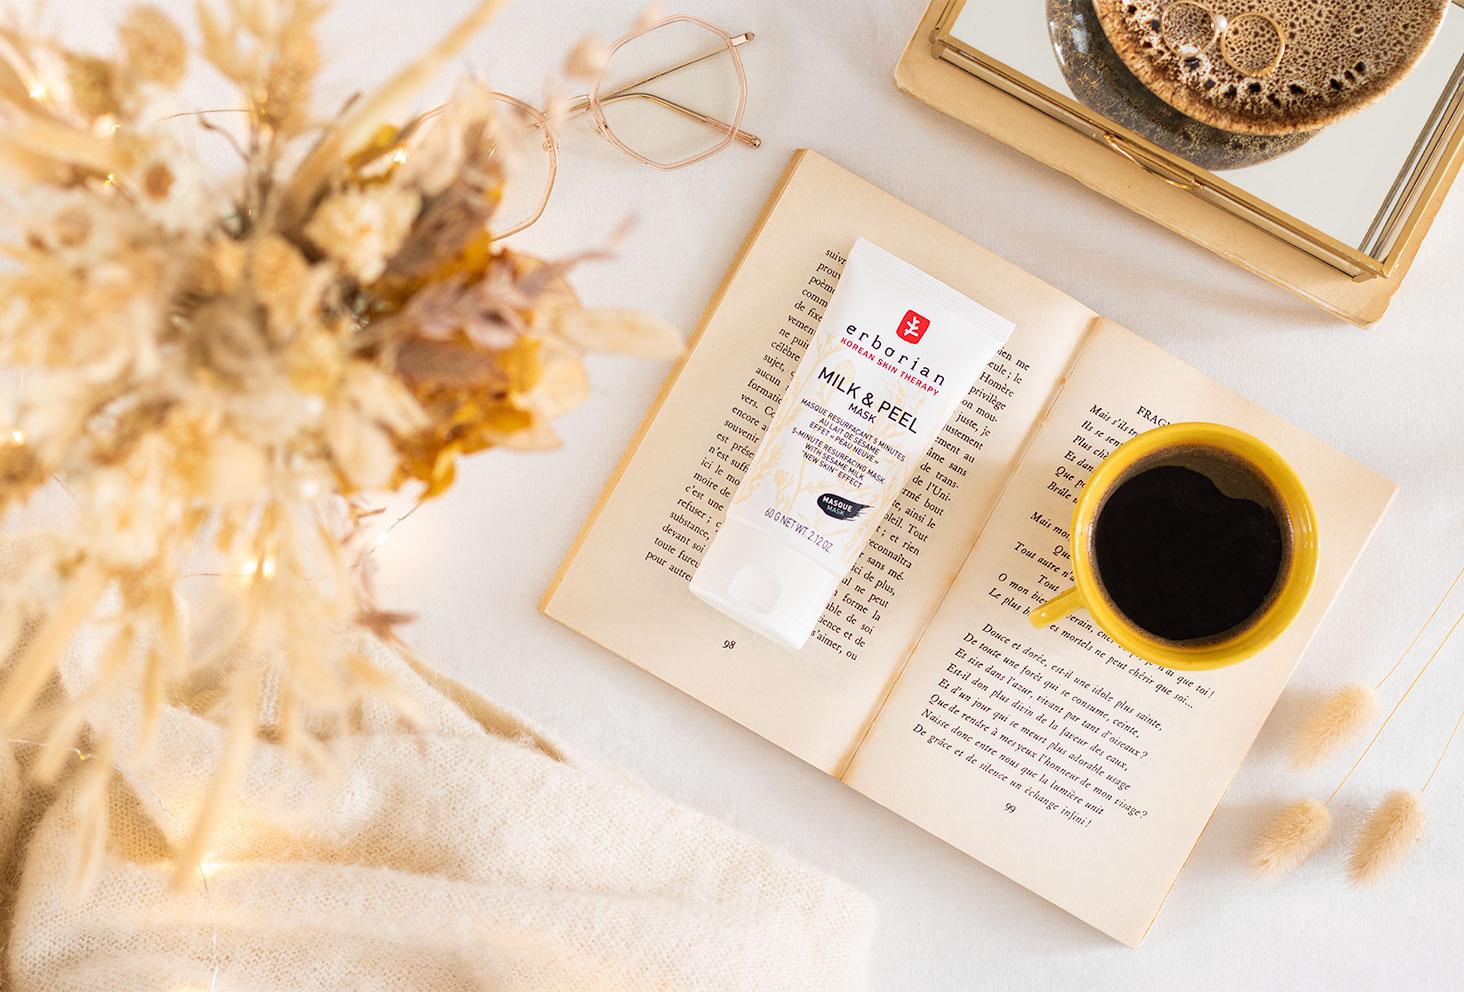 Le masque blanc Milk & Peel au sésame de la marque Erborian, posé sur un livre vintage ouvert avec une tasse de café, sur un drap blanc avec des bijoux et des fleurs séchées